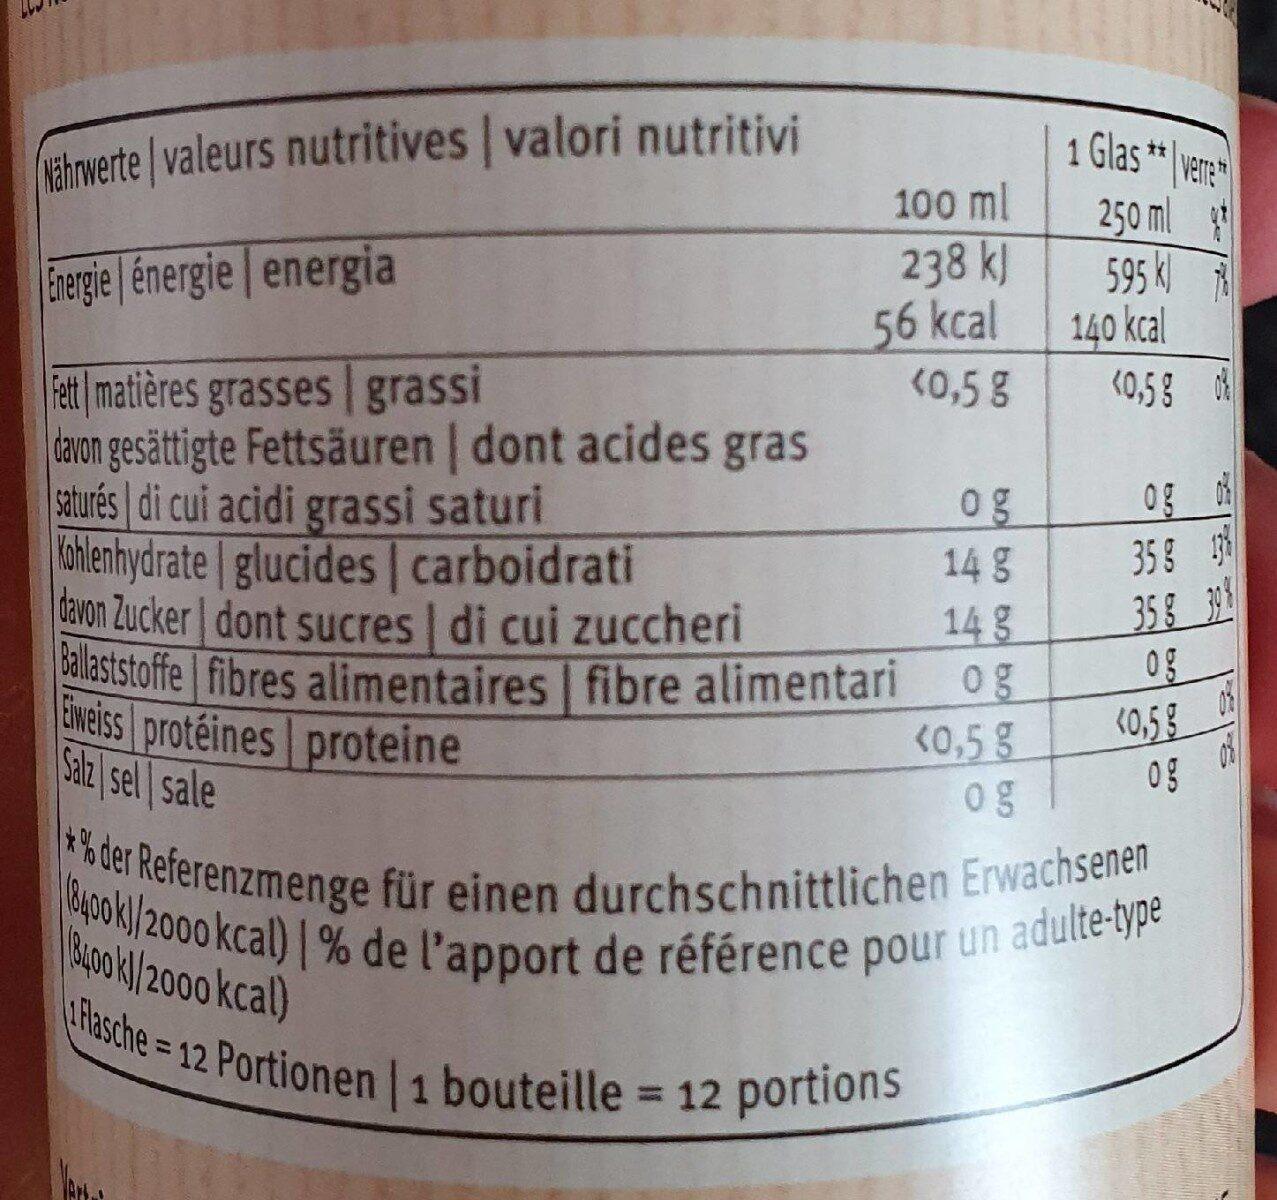 Sirop de fleurs de sureau - Informations nutritionnelles - fr